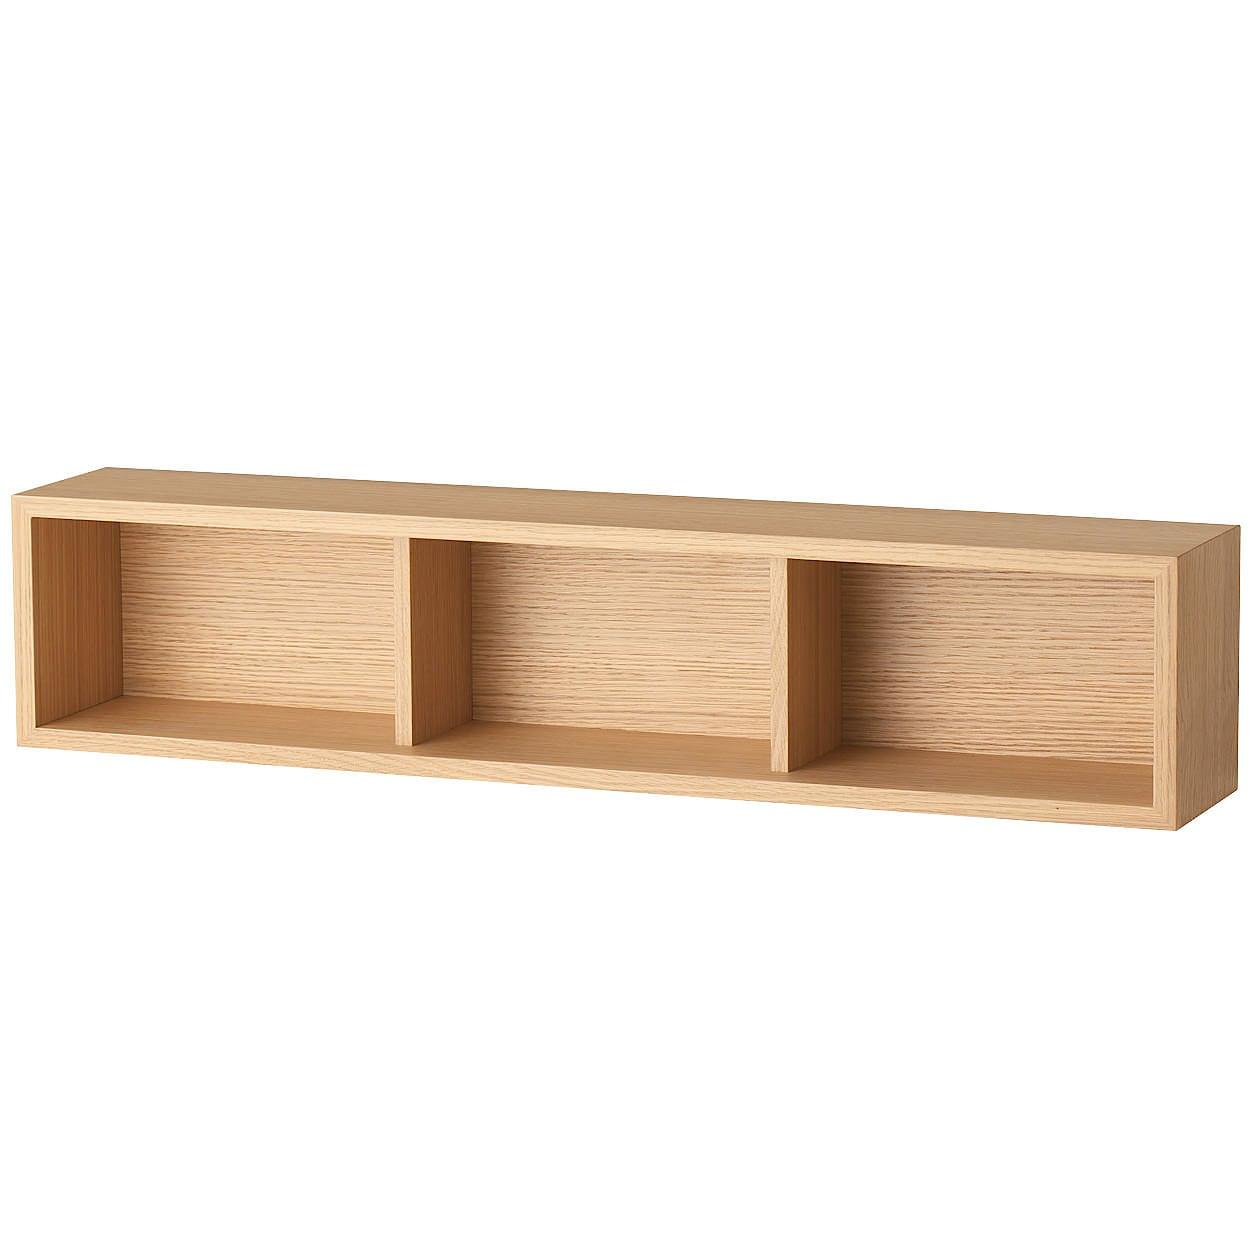 棚 無印 無印良品のおすすめ食器棚11選!台所・キッチン用品を整理できる収納棚は?